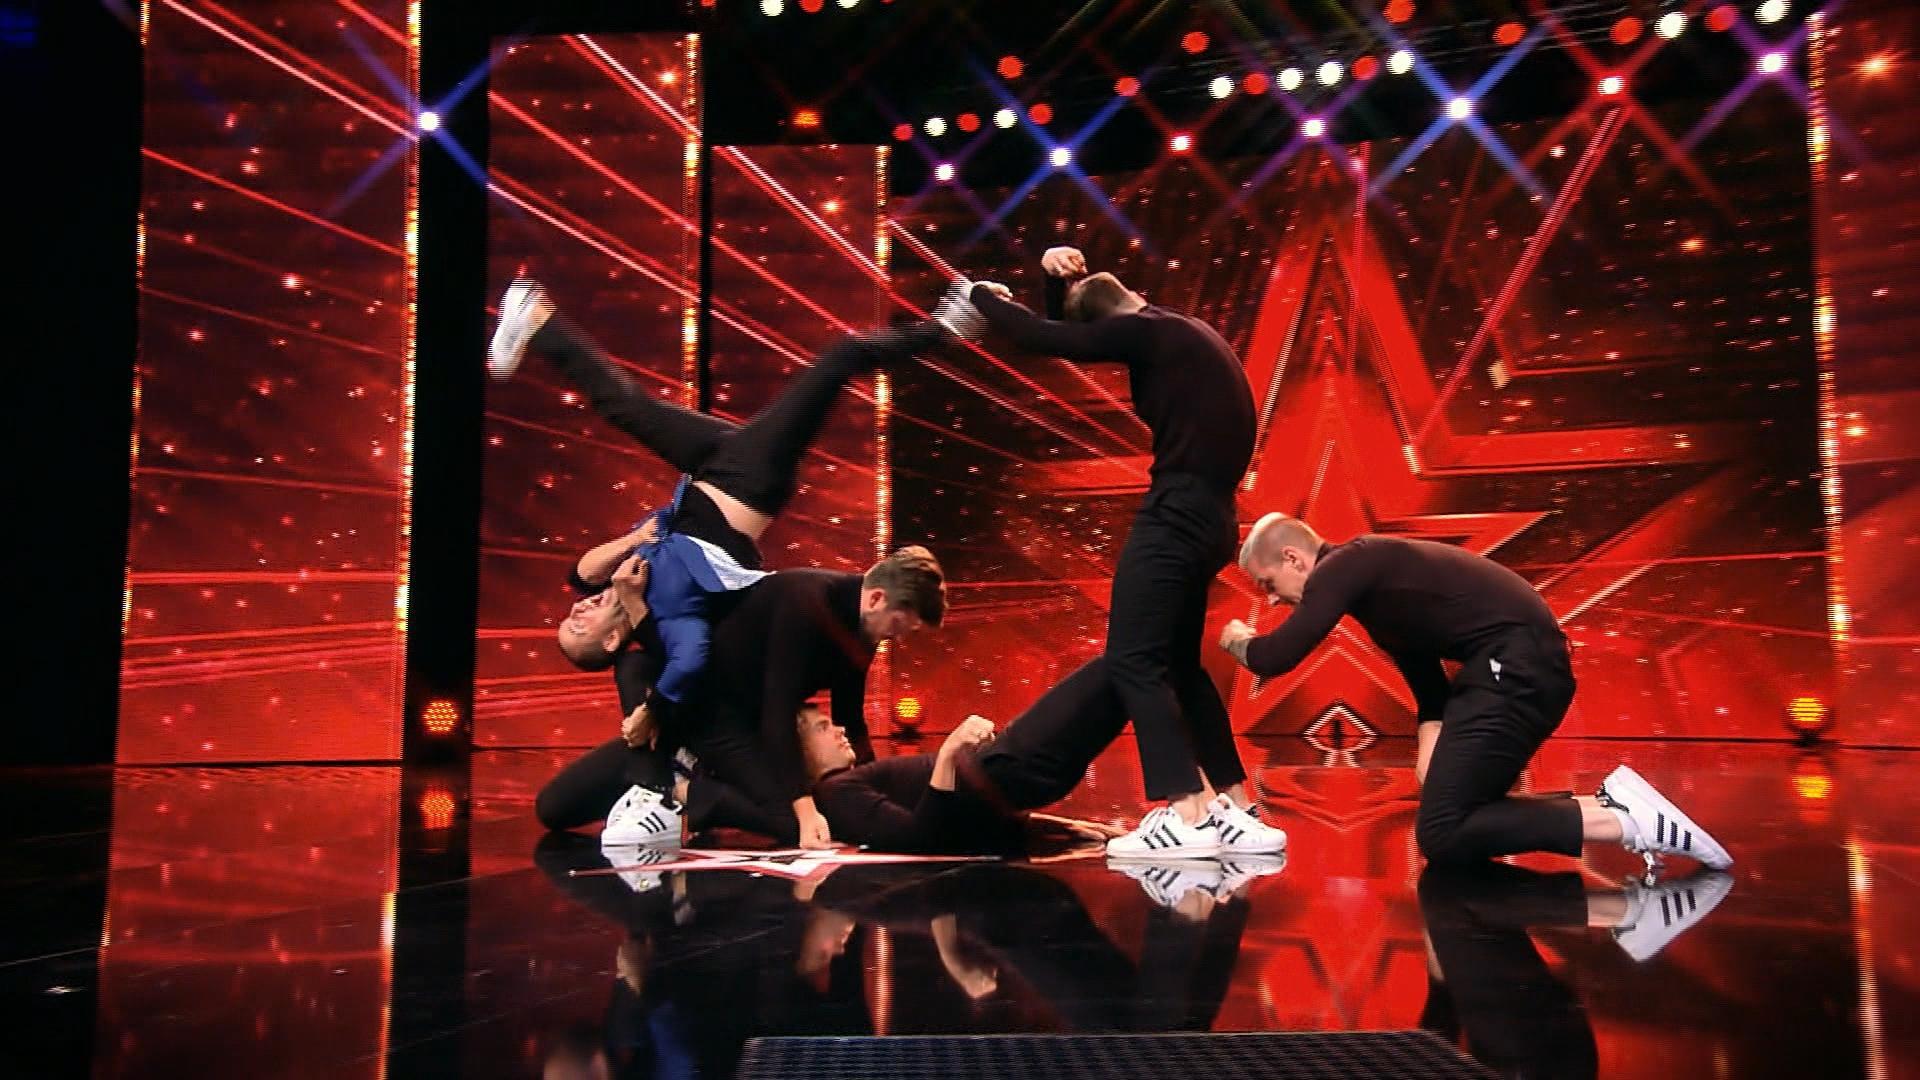 Een foto van acrobaten tijdens een van de Got Talentshows in de wereld